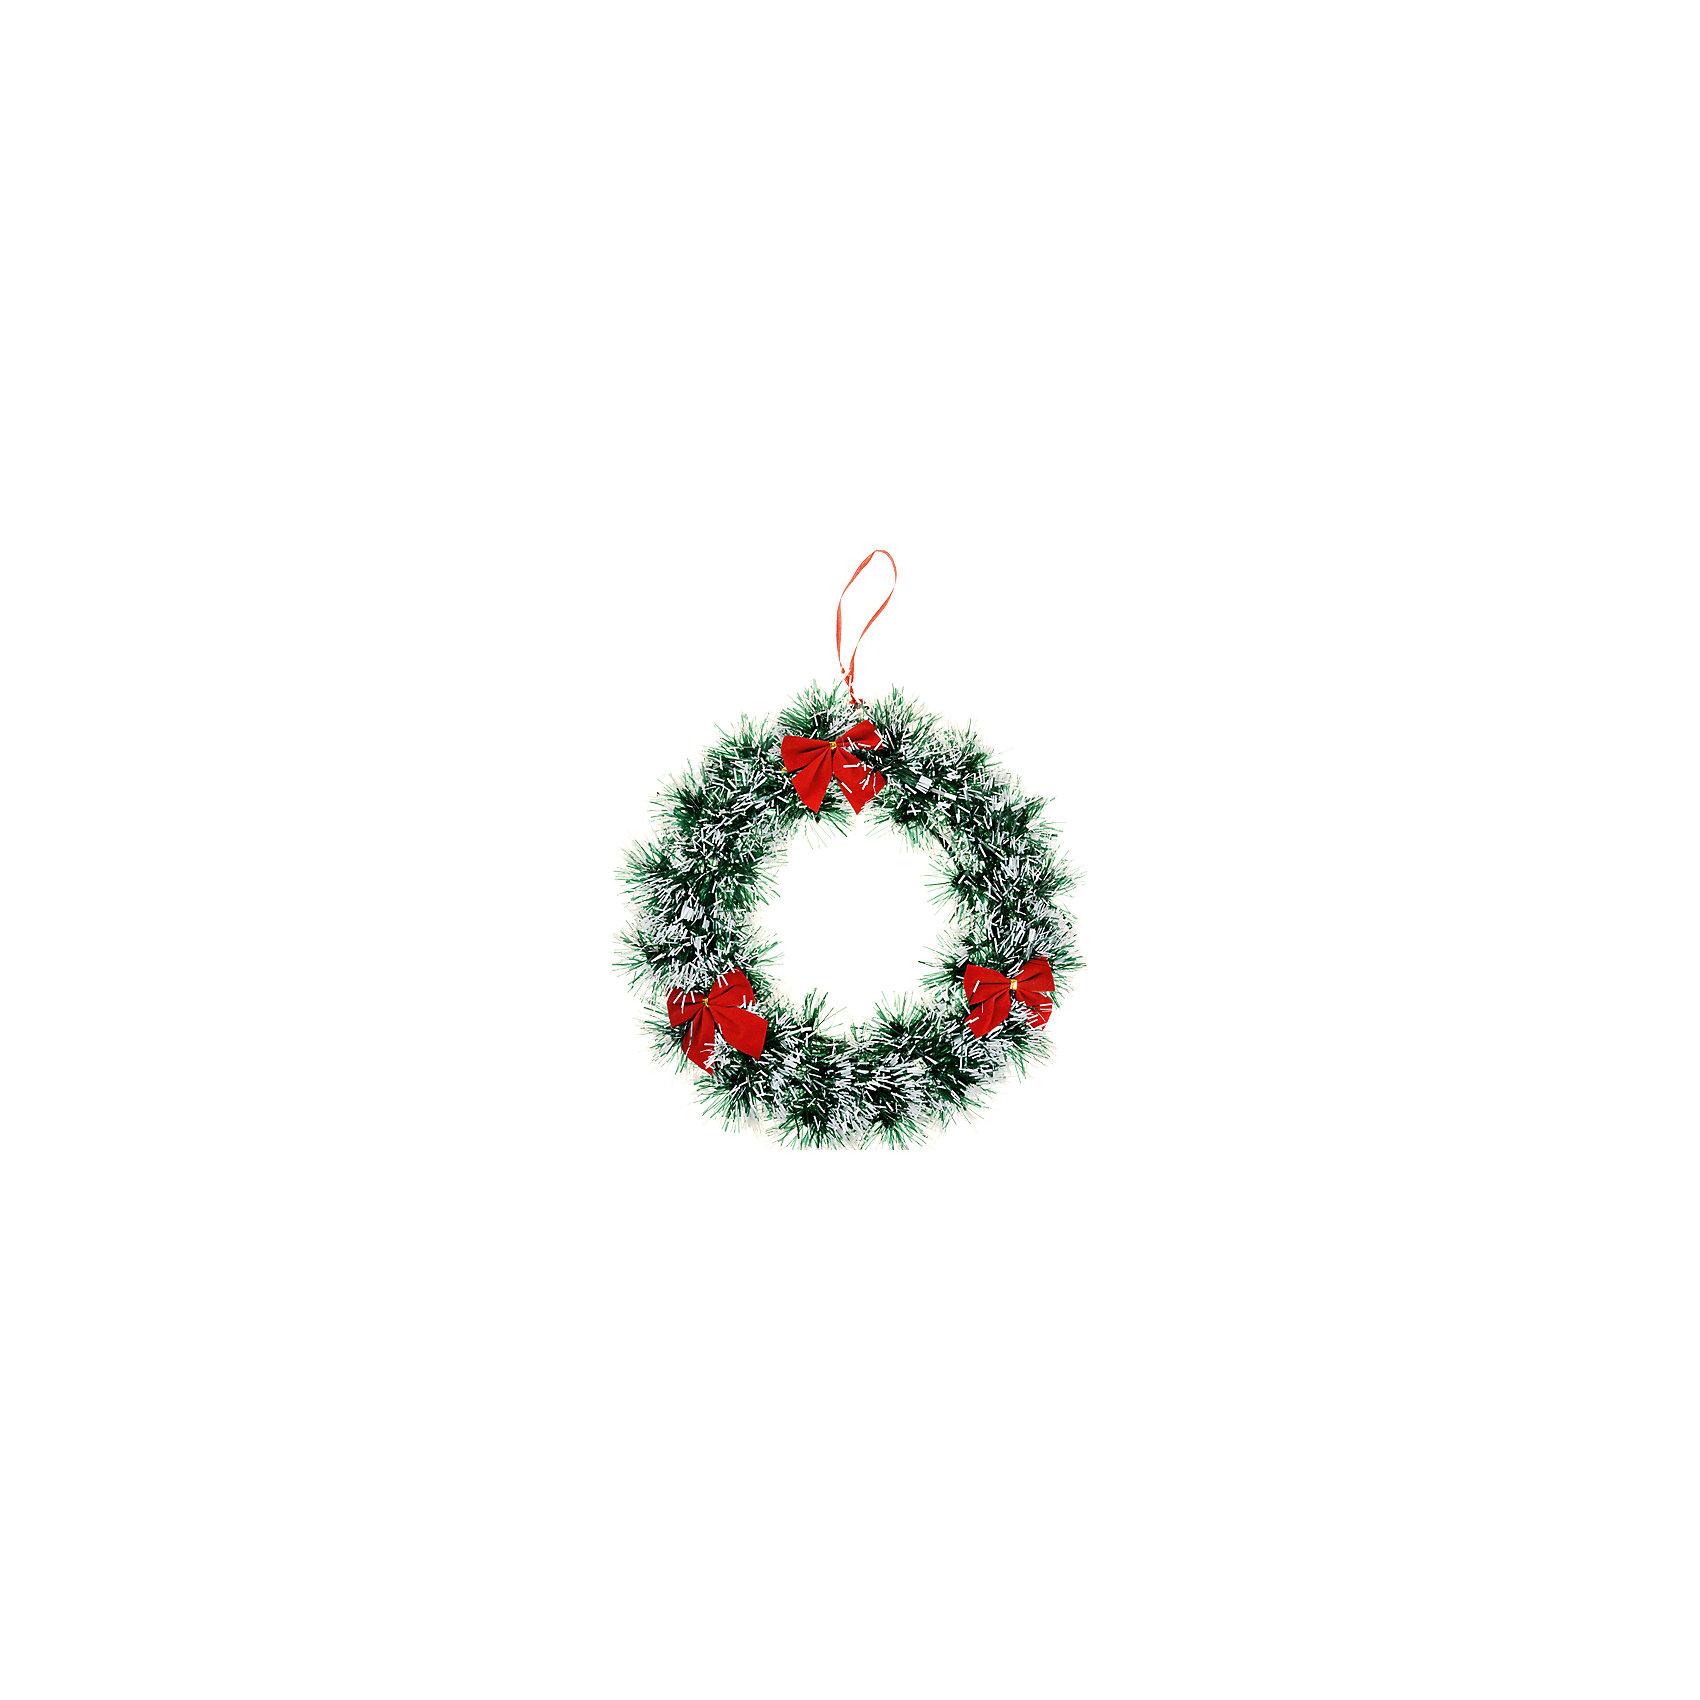 Новогодний венок, диаметр 23,5 смНовогодний венок, диаметр 23,5 см - этот новогодний аксессуар создаст праздничное настроение.<br>Новогодний венок станет замечательным украшением интерьера и поможет создать волшебную атмосферу праздника. Нарядный венок в виде сосновых веток украшен красными бантиками. Венок можно повесить на двери или стены комнаты, он будет прекрасно смотреться, и радовать детей и взрослых.<br><br>Дополнительная информация:<br><br>- Диаметр: 23,5 см.<br>- Вес: 300 гр.<br><br>Новогодний венок, диаметр 23,5 см можно купить в нашем интернет-магазине.<br><br>Ширина мм: 235<br>Глубина мм: 235<br>Высота мм: 100<br>Вес г: 300<br>Возраст от месяцев: 36<br>Возраст до месяцев: 2147483647<br>Пол: Унисекс<br>Возраст: Детский<br>SKU: 4437446